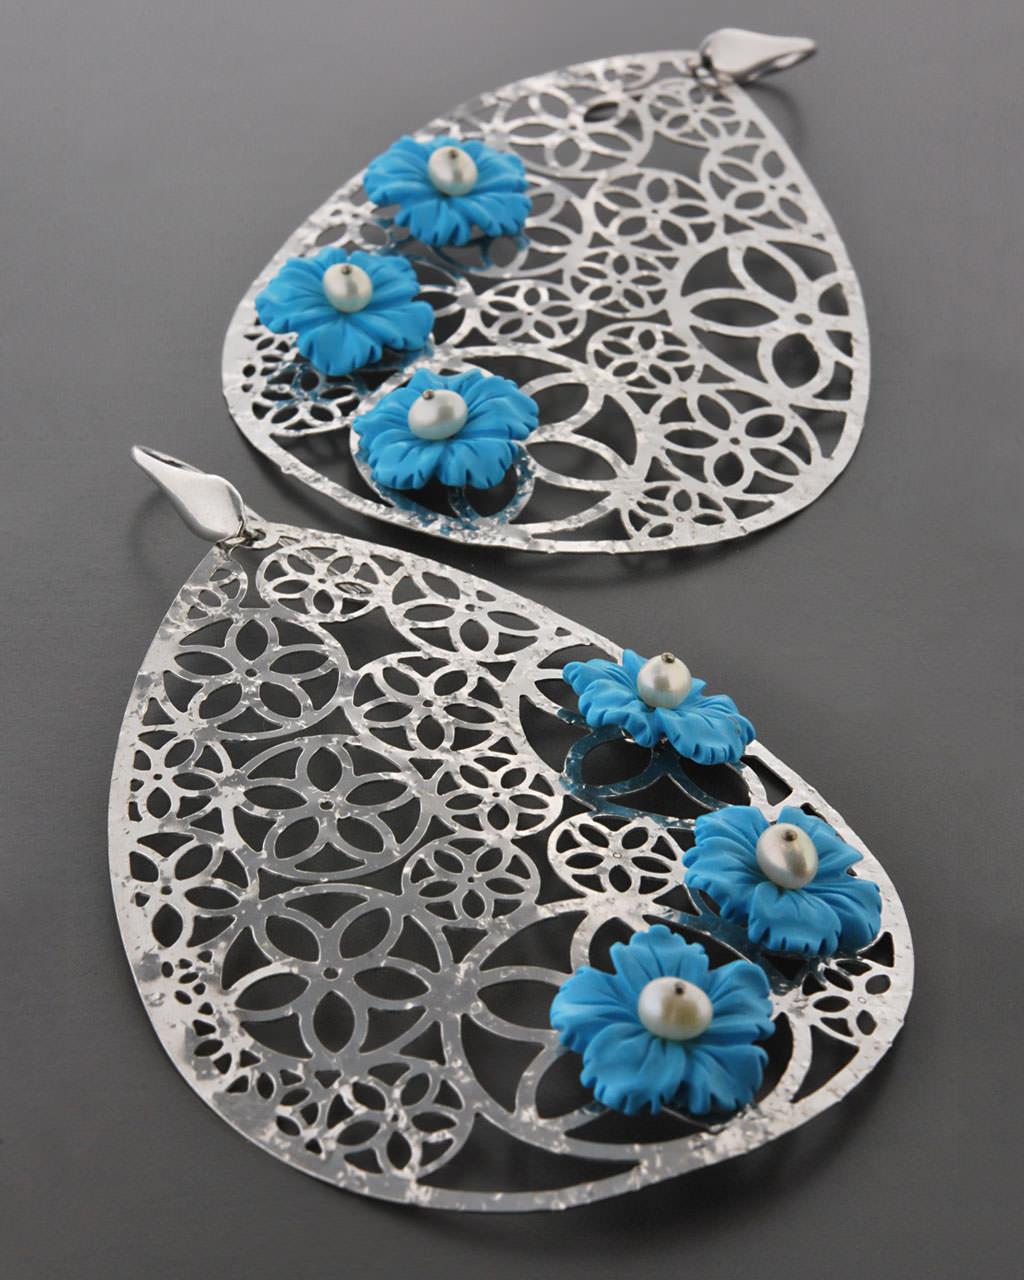 Σκουλαρίκια ασημένια 925 με Τυρκουάζ & Μαργαριτάρια   γυναικα σκουλαρίκια σκουλαρίκια ασημένια